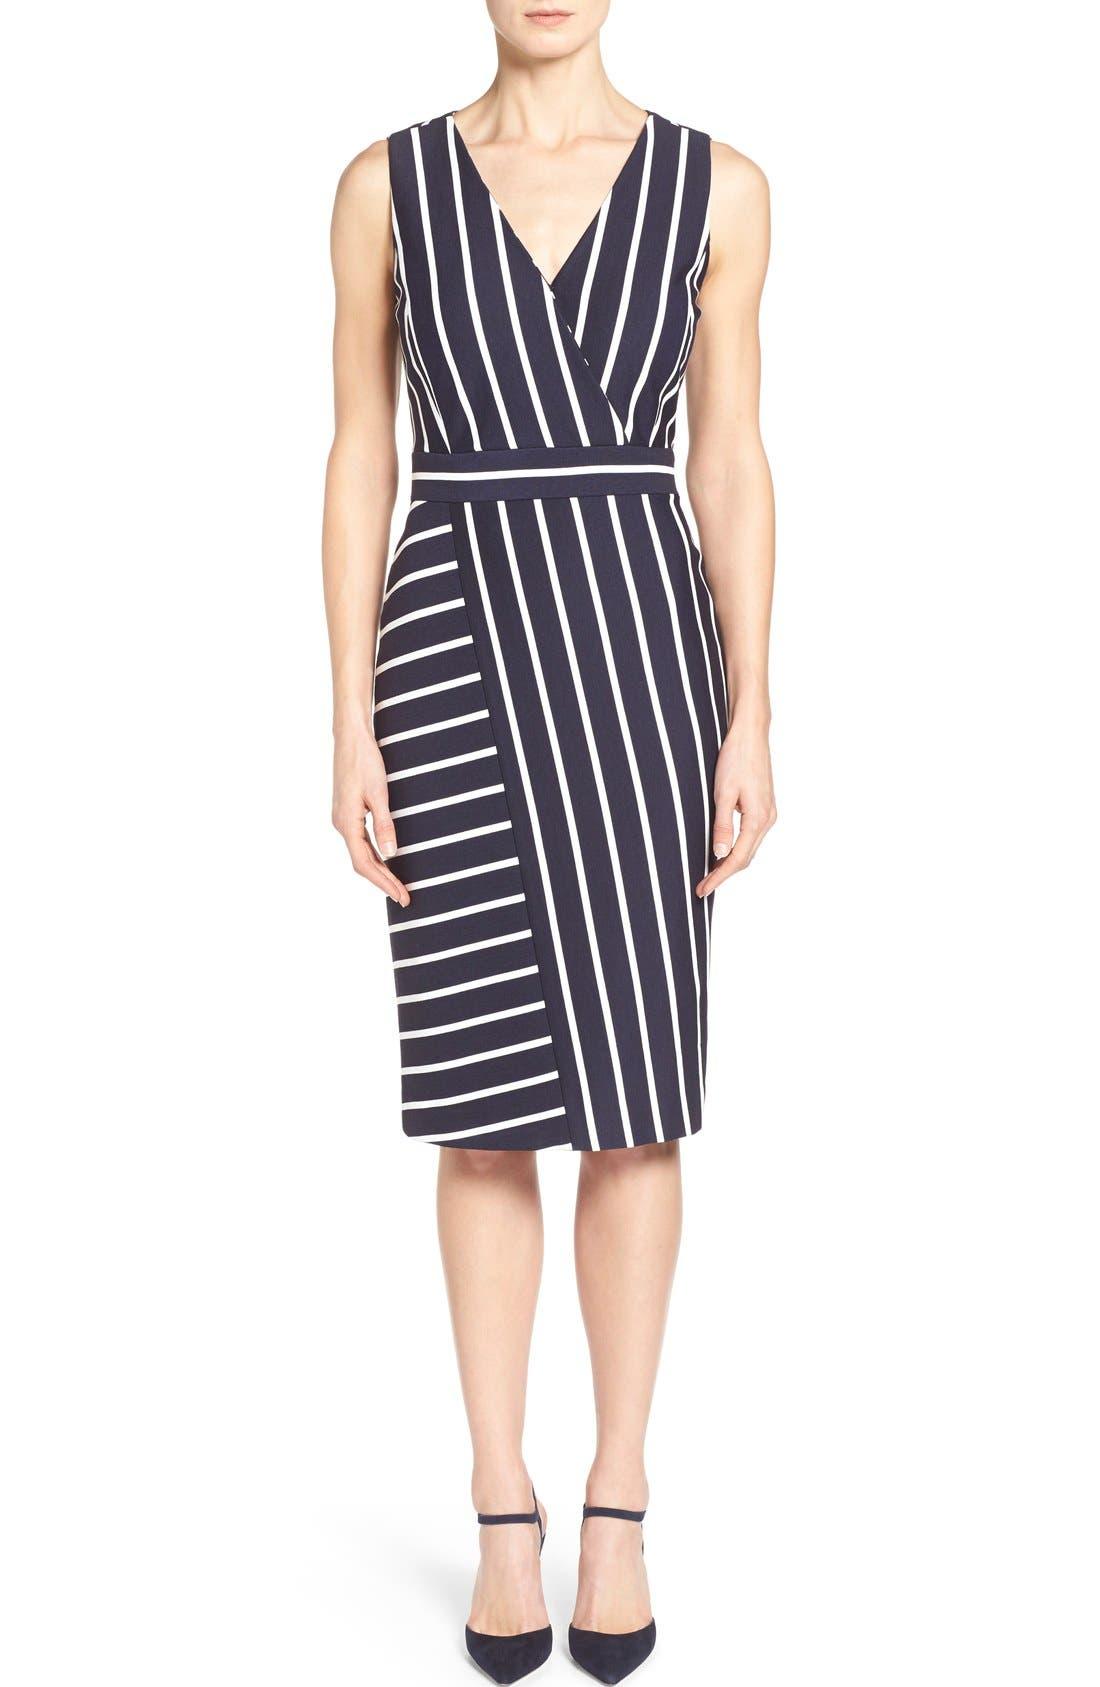 Alternate Image 1 Selected - Classiques Entier® 'Orizzonte' Ponte Knit Faux Wrap Dress